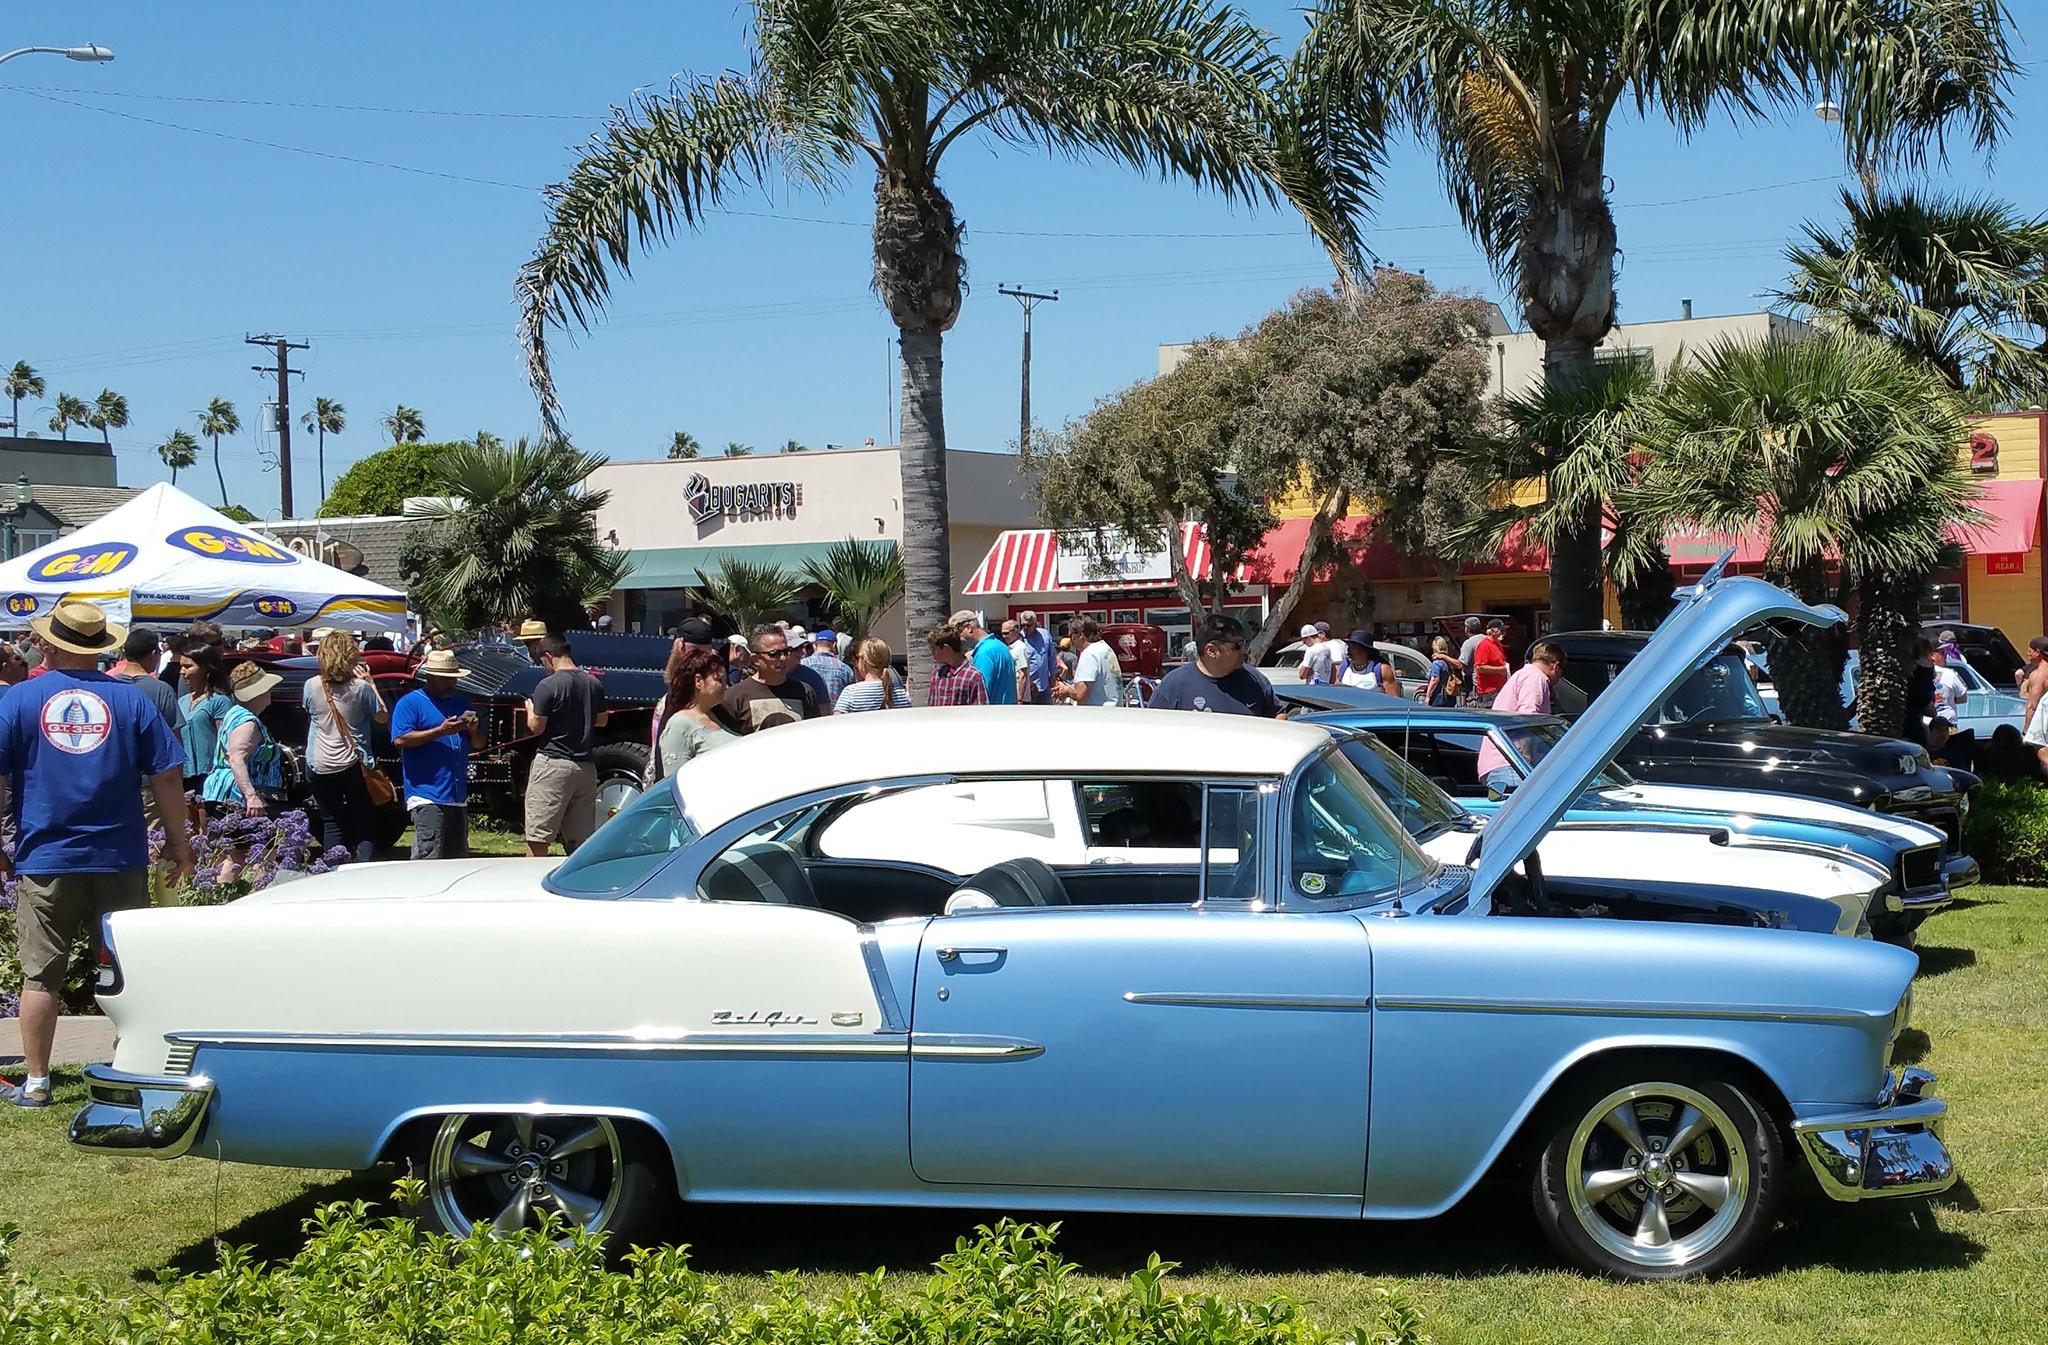 The Vintage Metal Of The Th Annual Seal Beach Classic Car Show - Seal beach car show